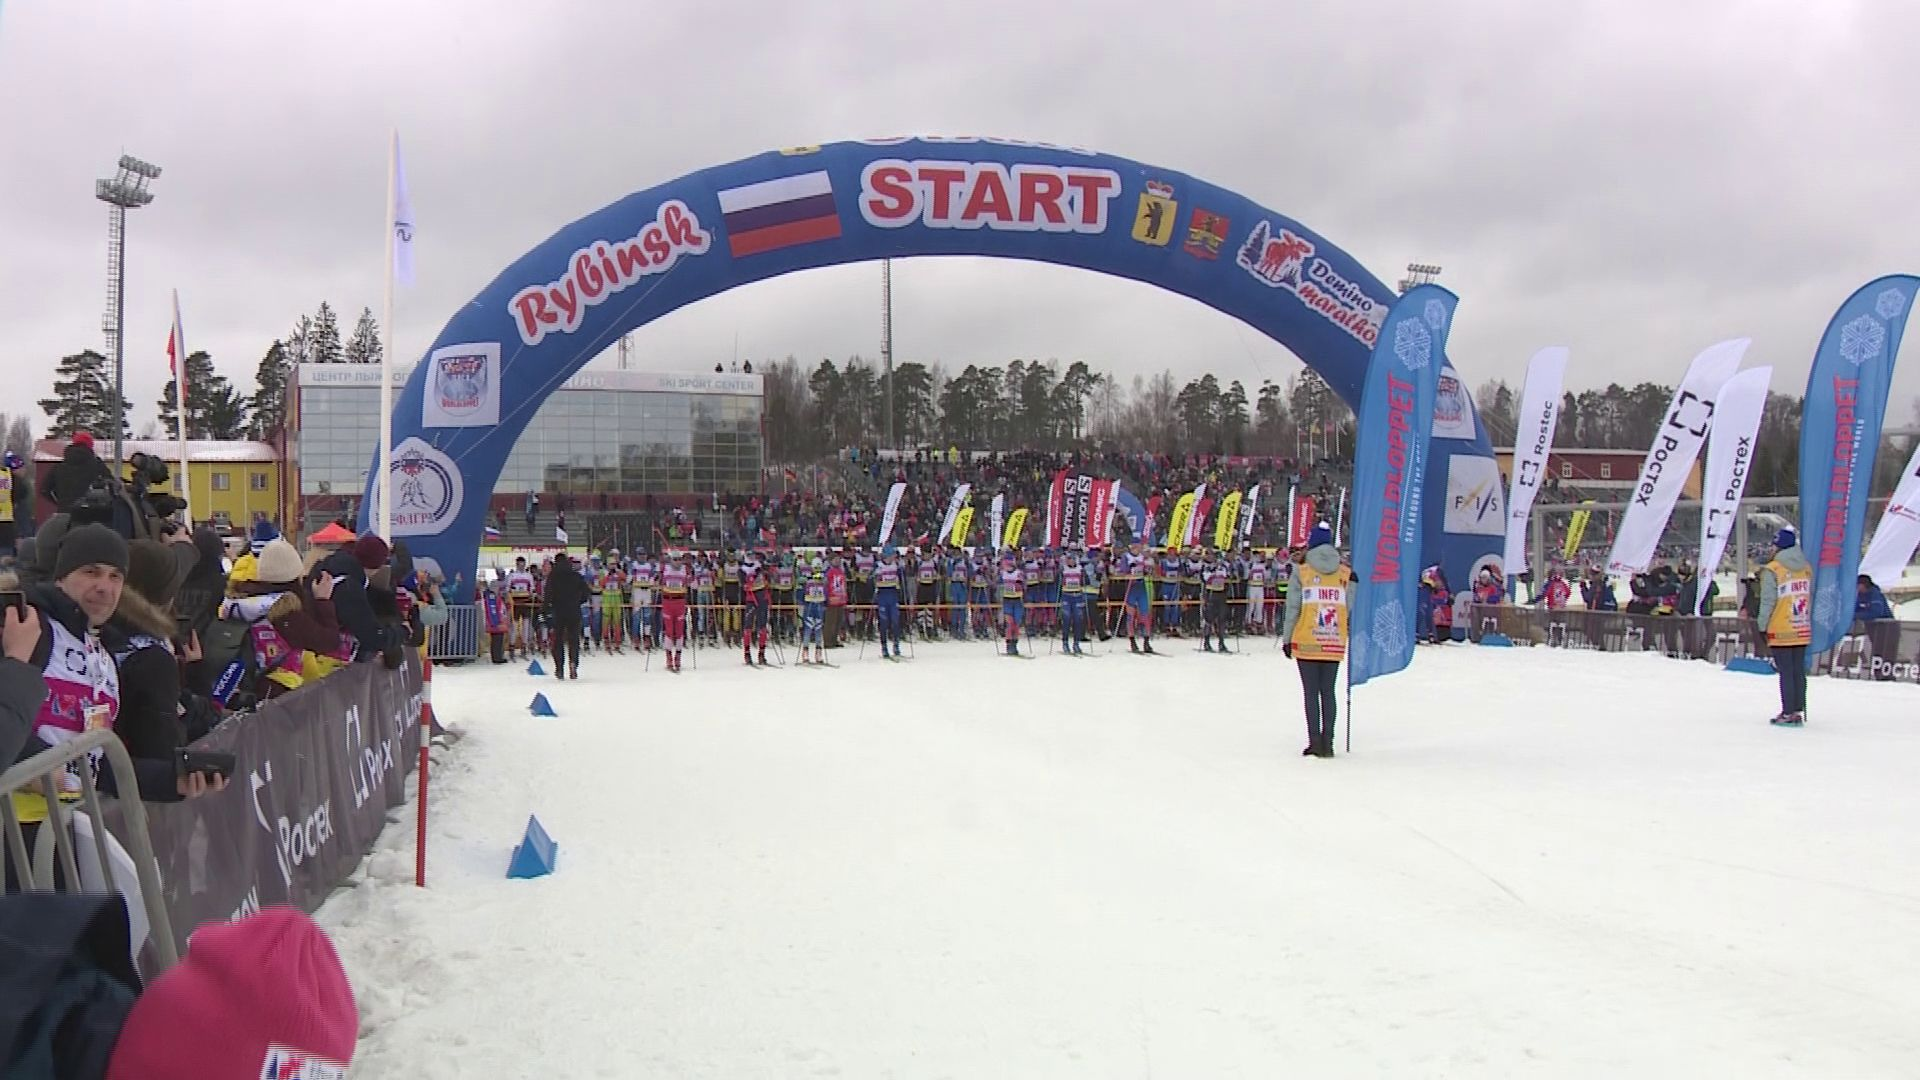 Большее двух тысяч участников: как в Рыбинске проходил один из крупнейших лыжных марафонов